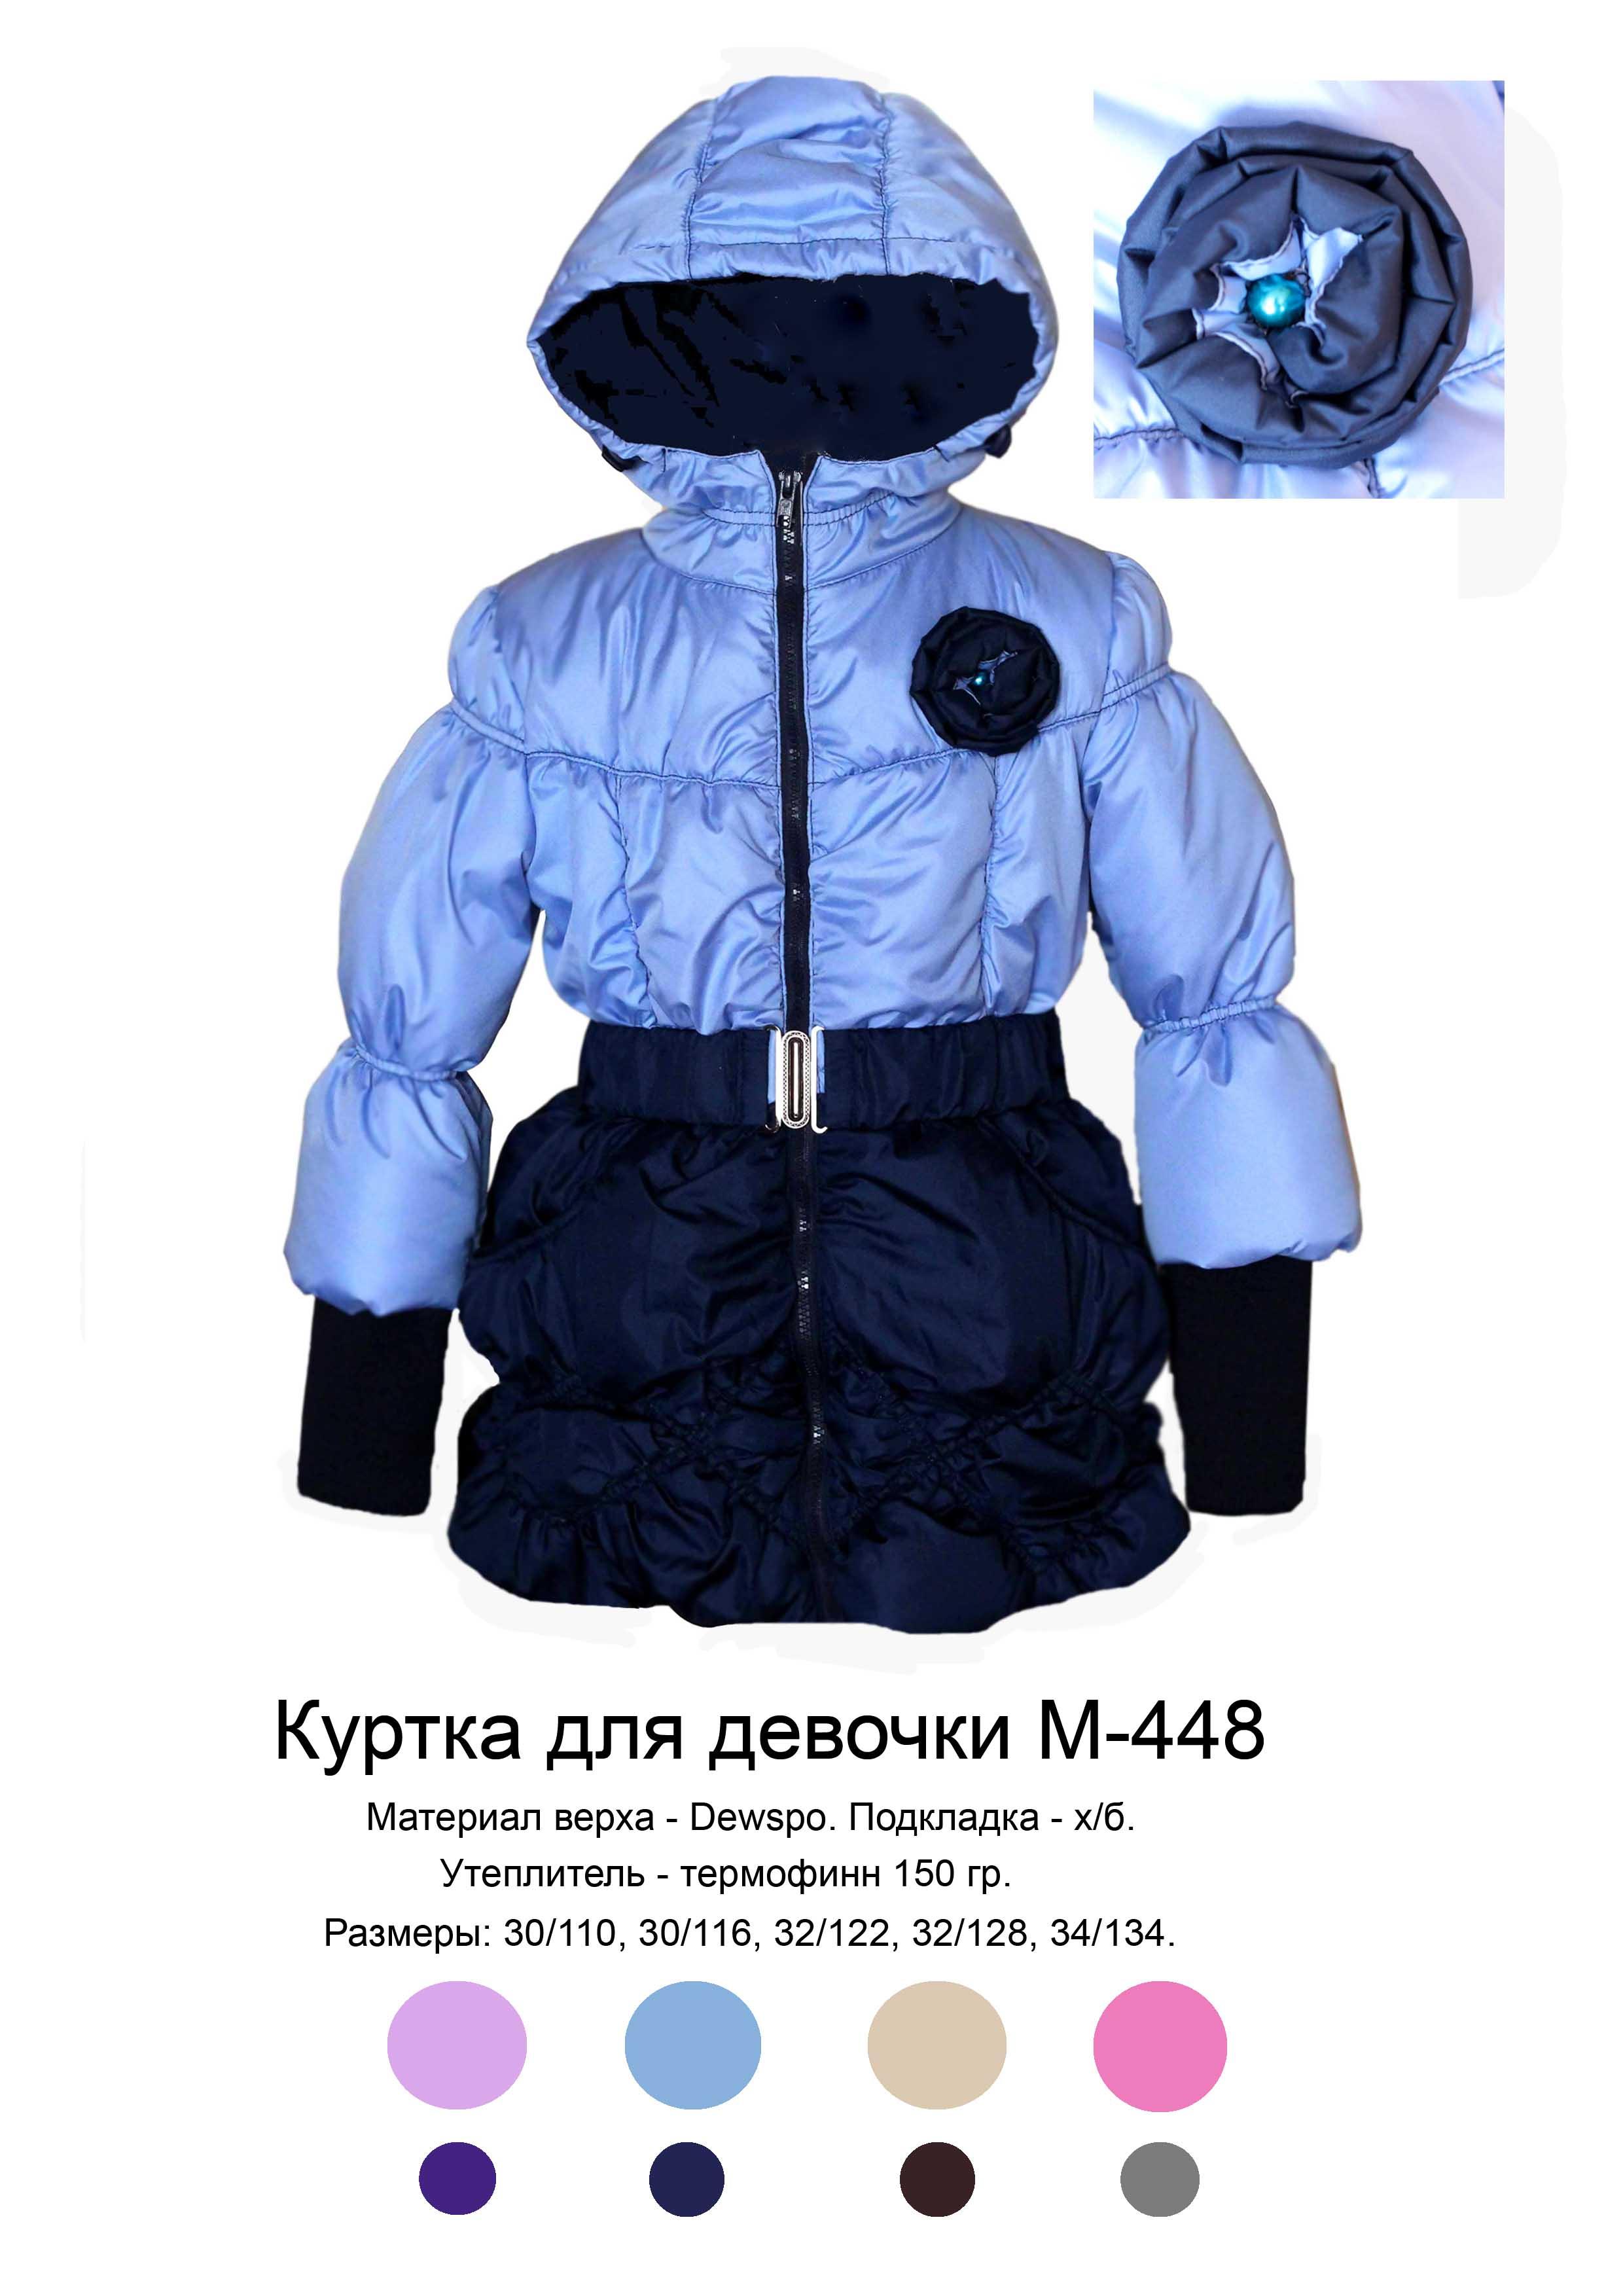 Эврика Женская Одежда Официальный Сайт